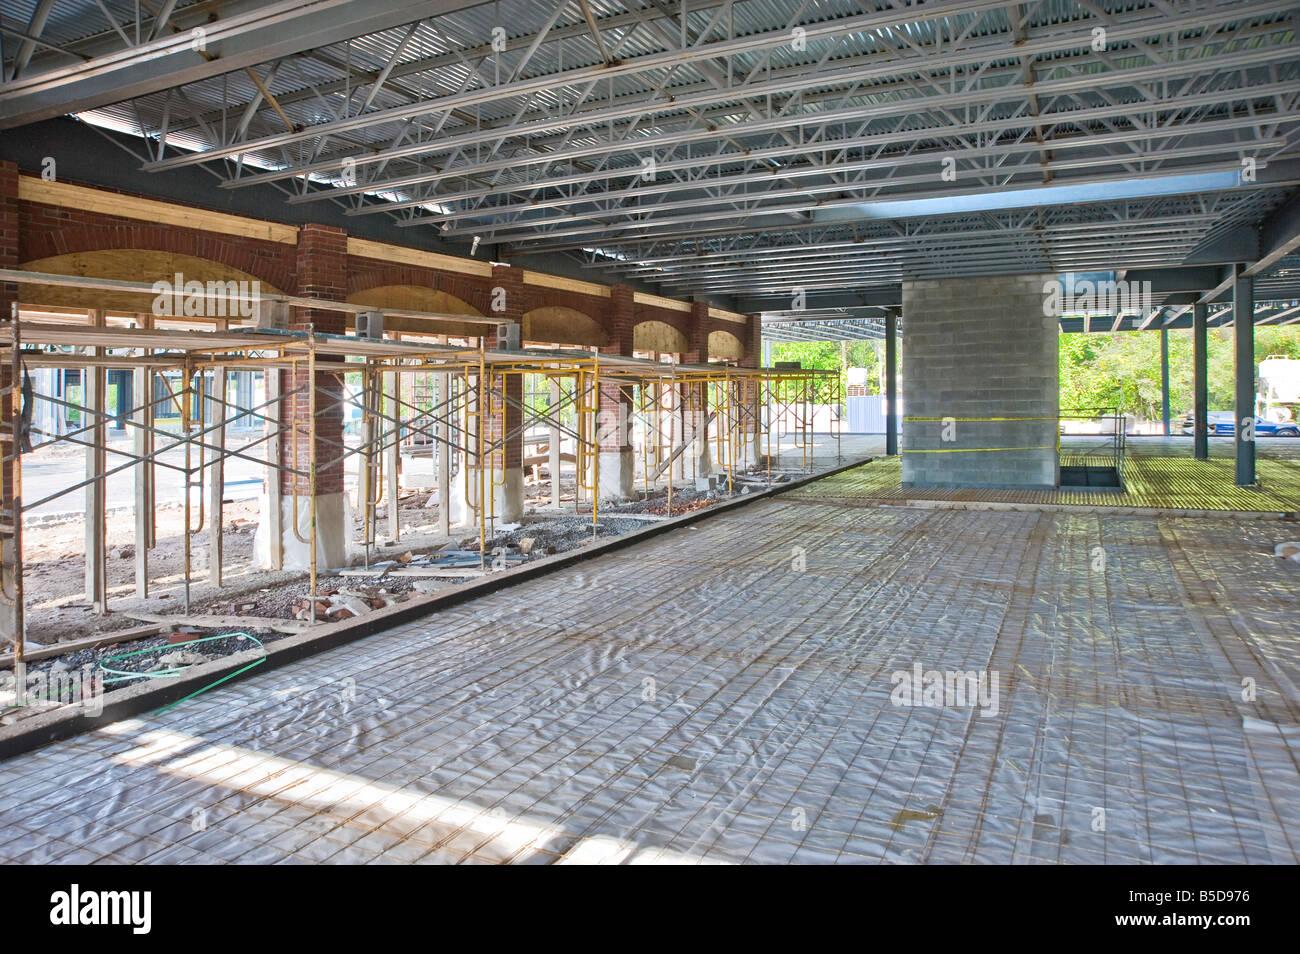 Interior Building Construction : Inside construction site commercial building interior